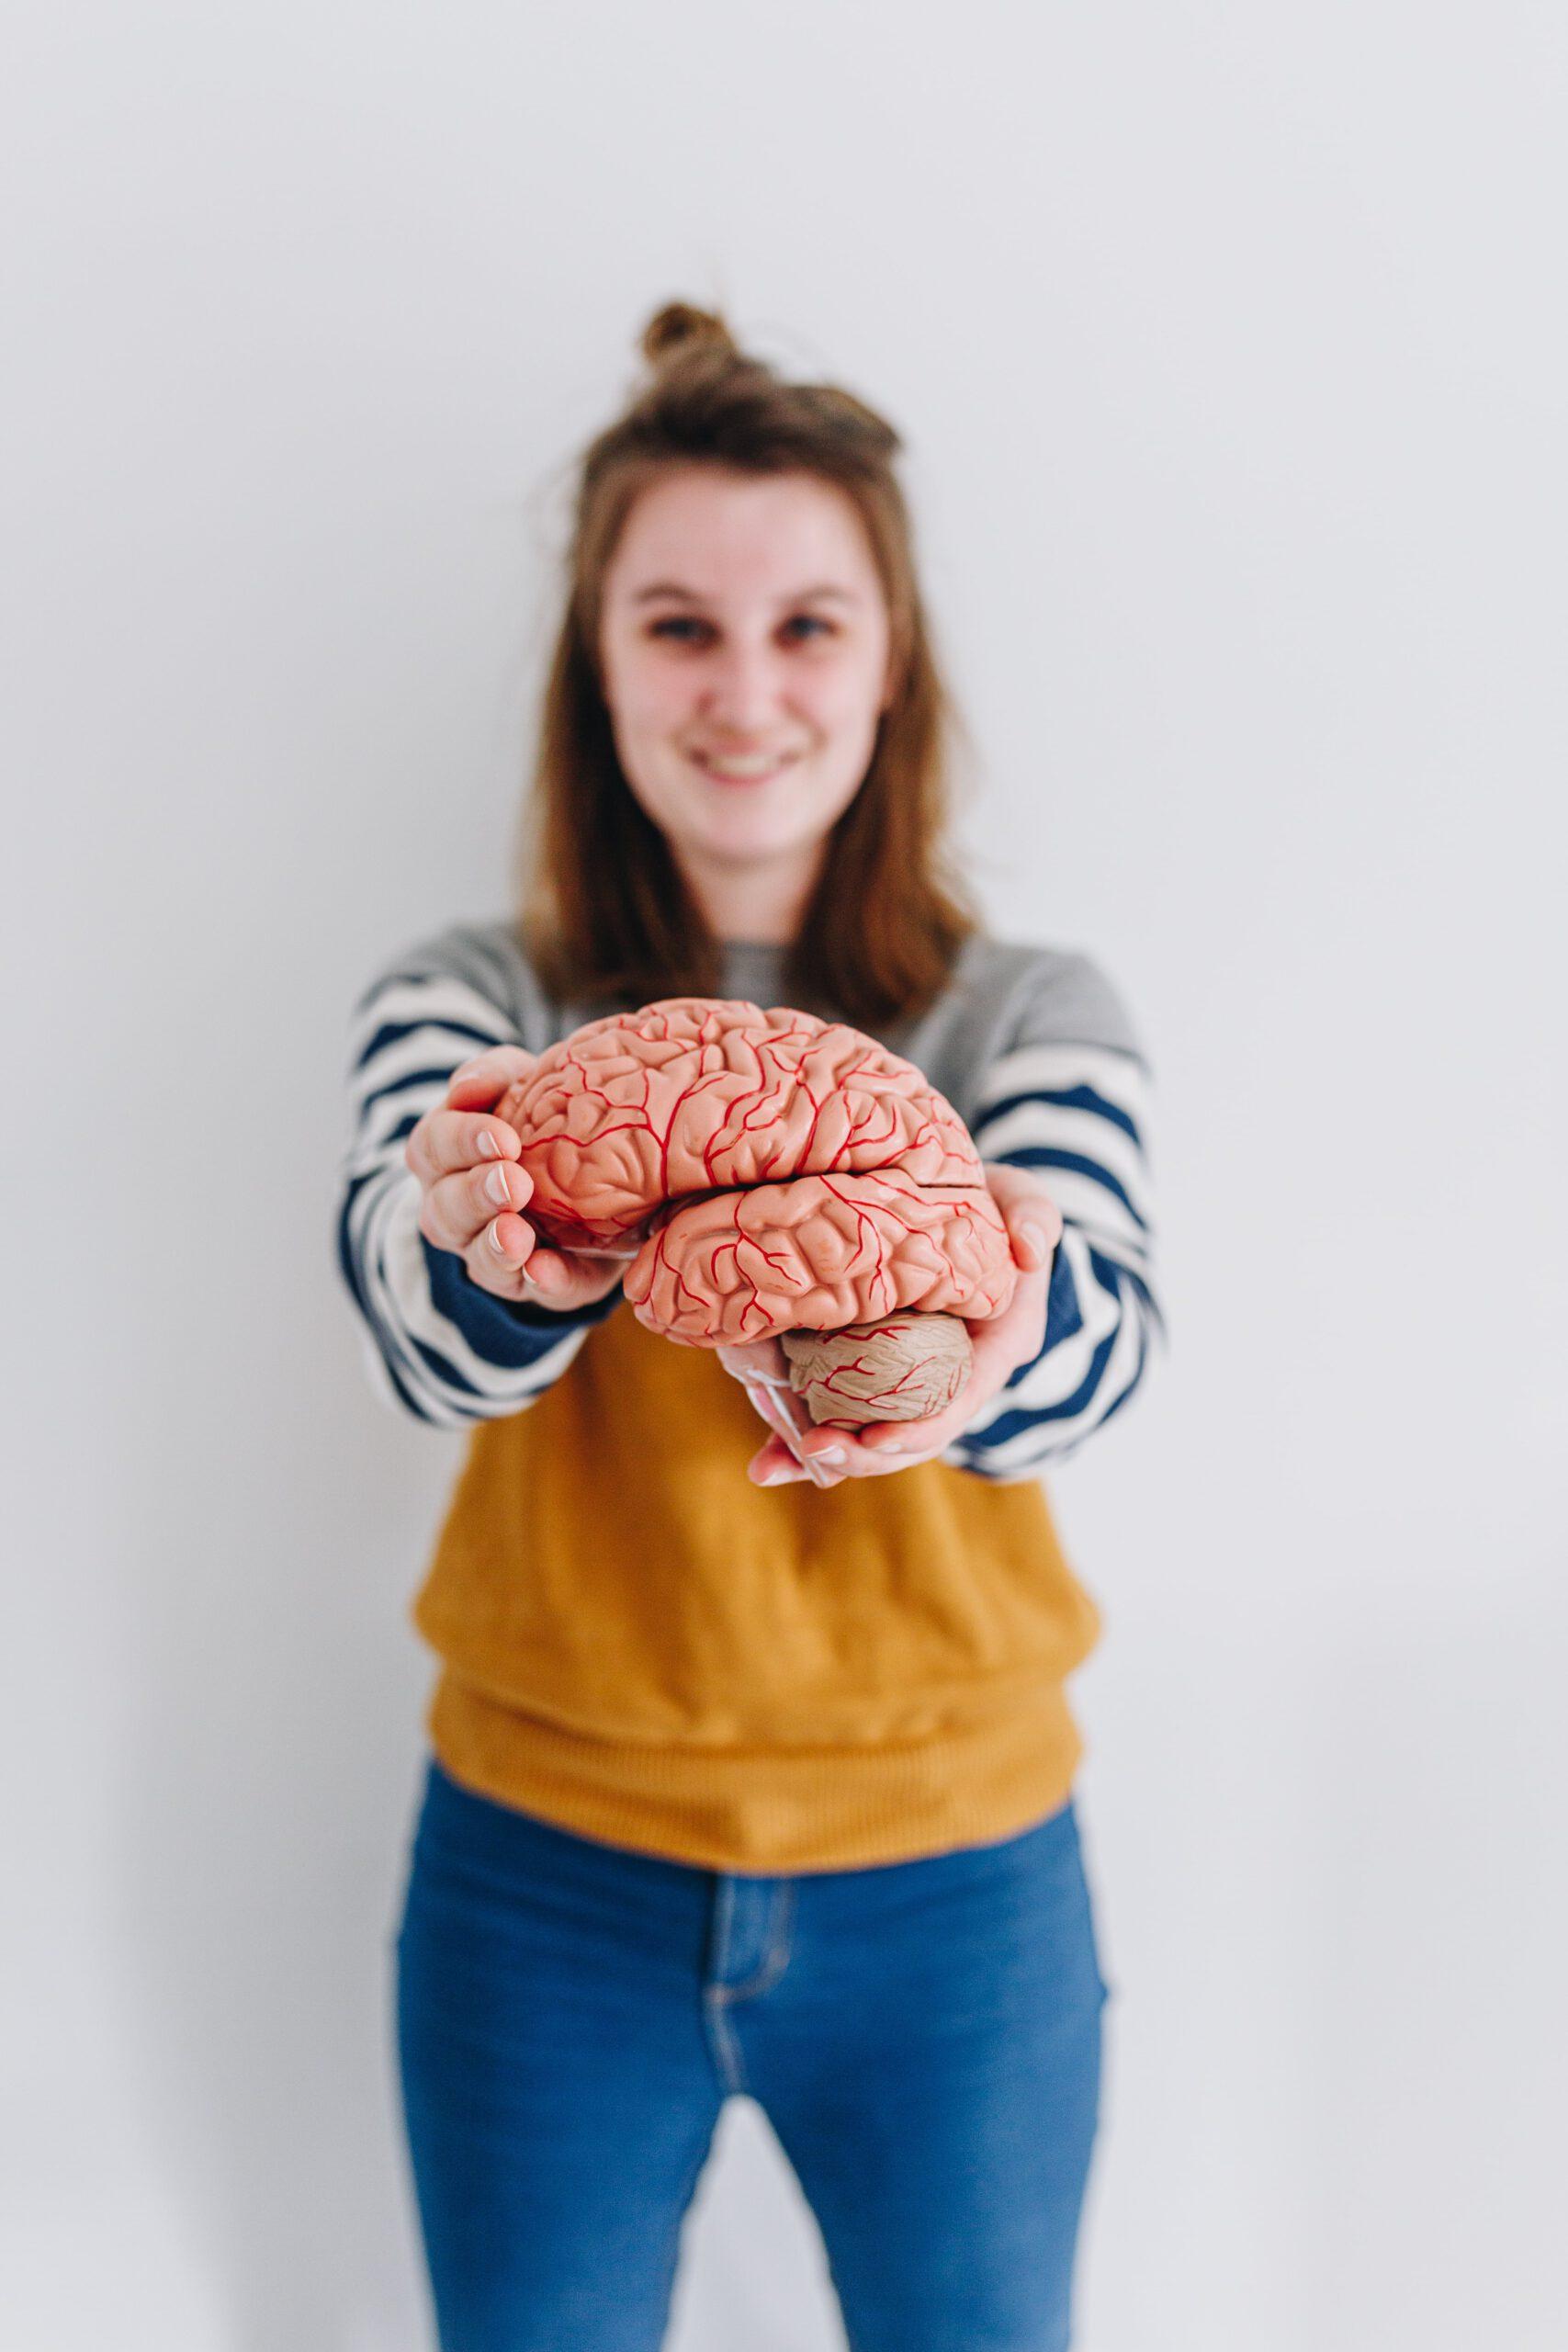 Streepjes shirt en een blije Evelien met hersenen